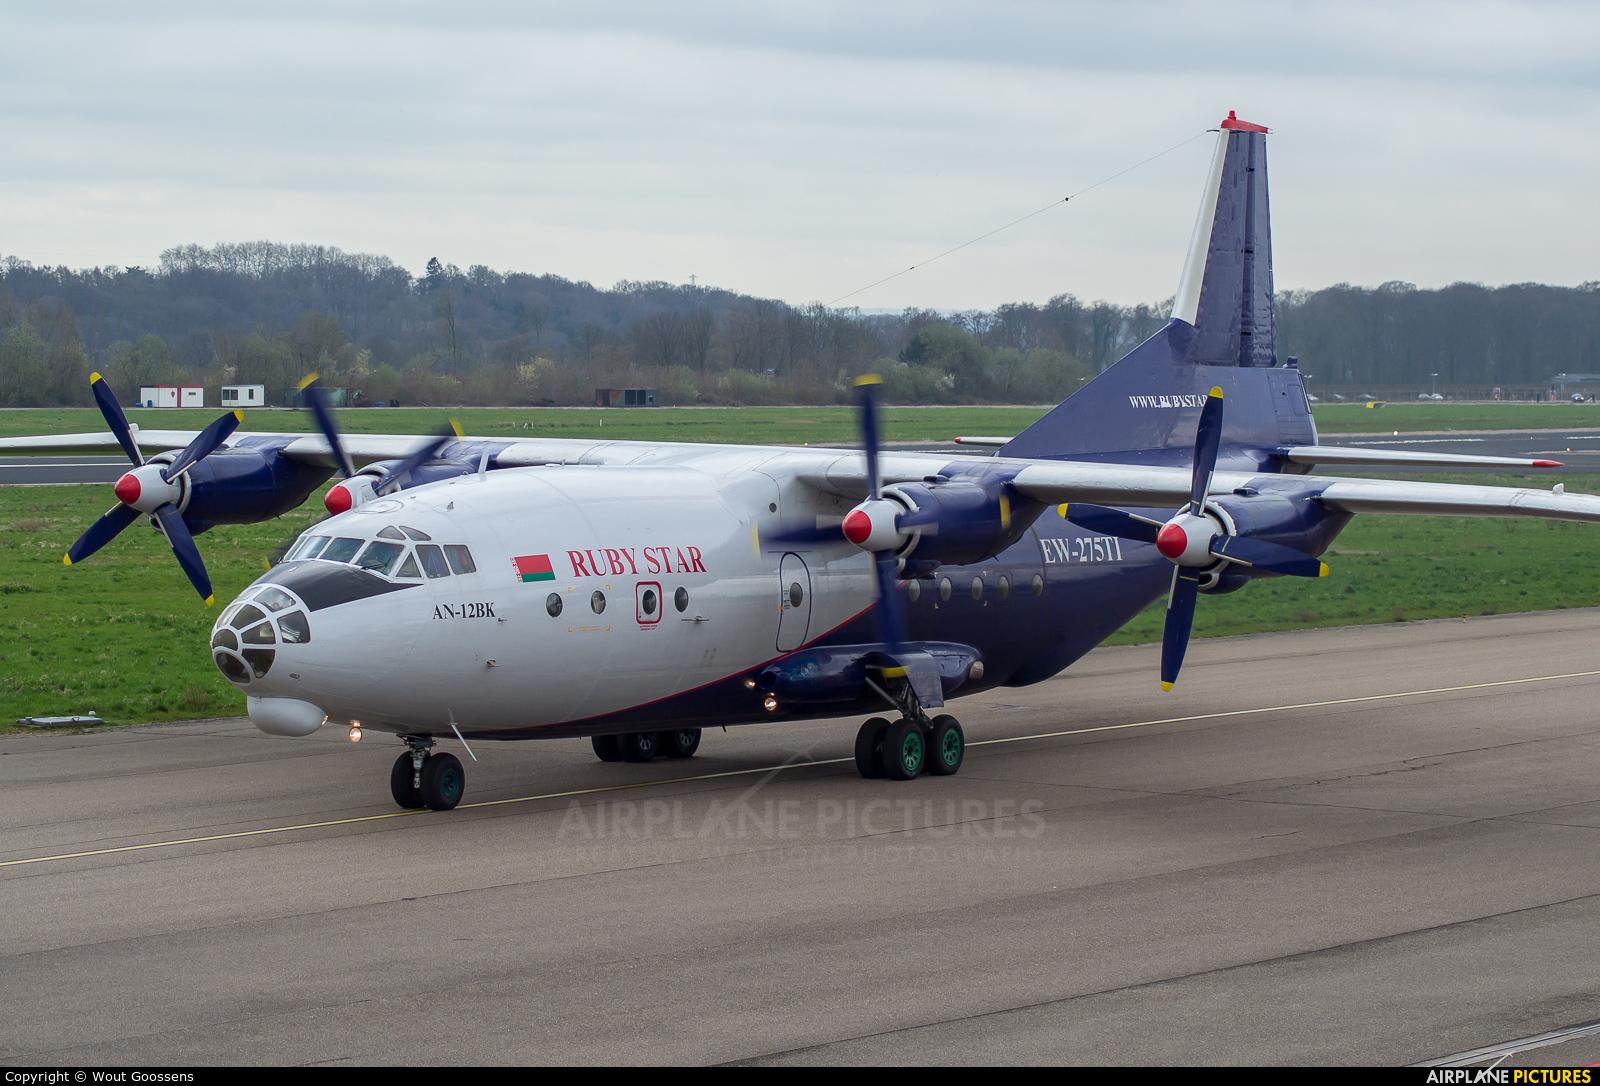 Ruby Star Air Enterprise EW-275TI aircraft at Maastricht - Aachen